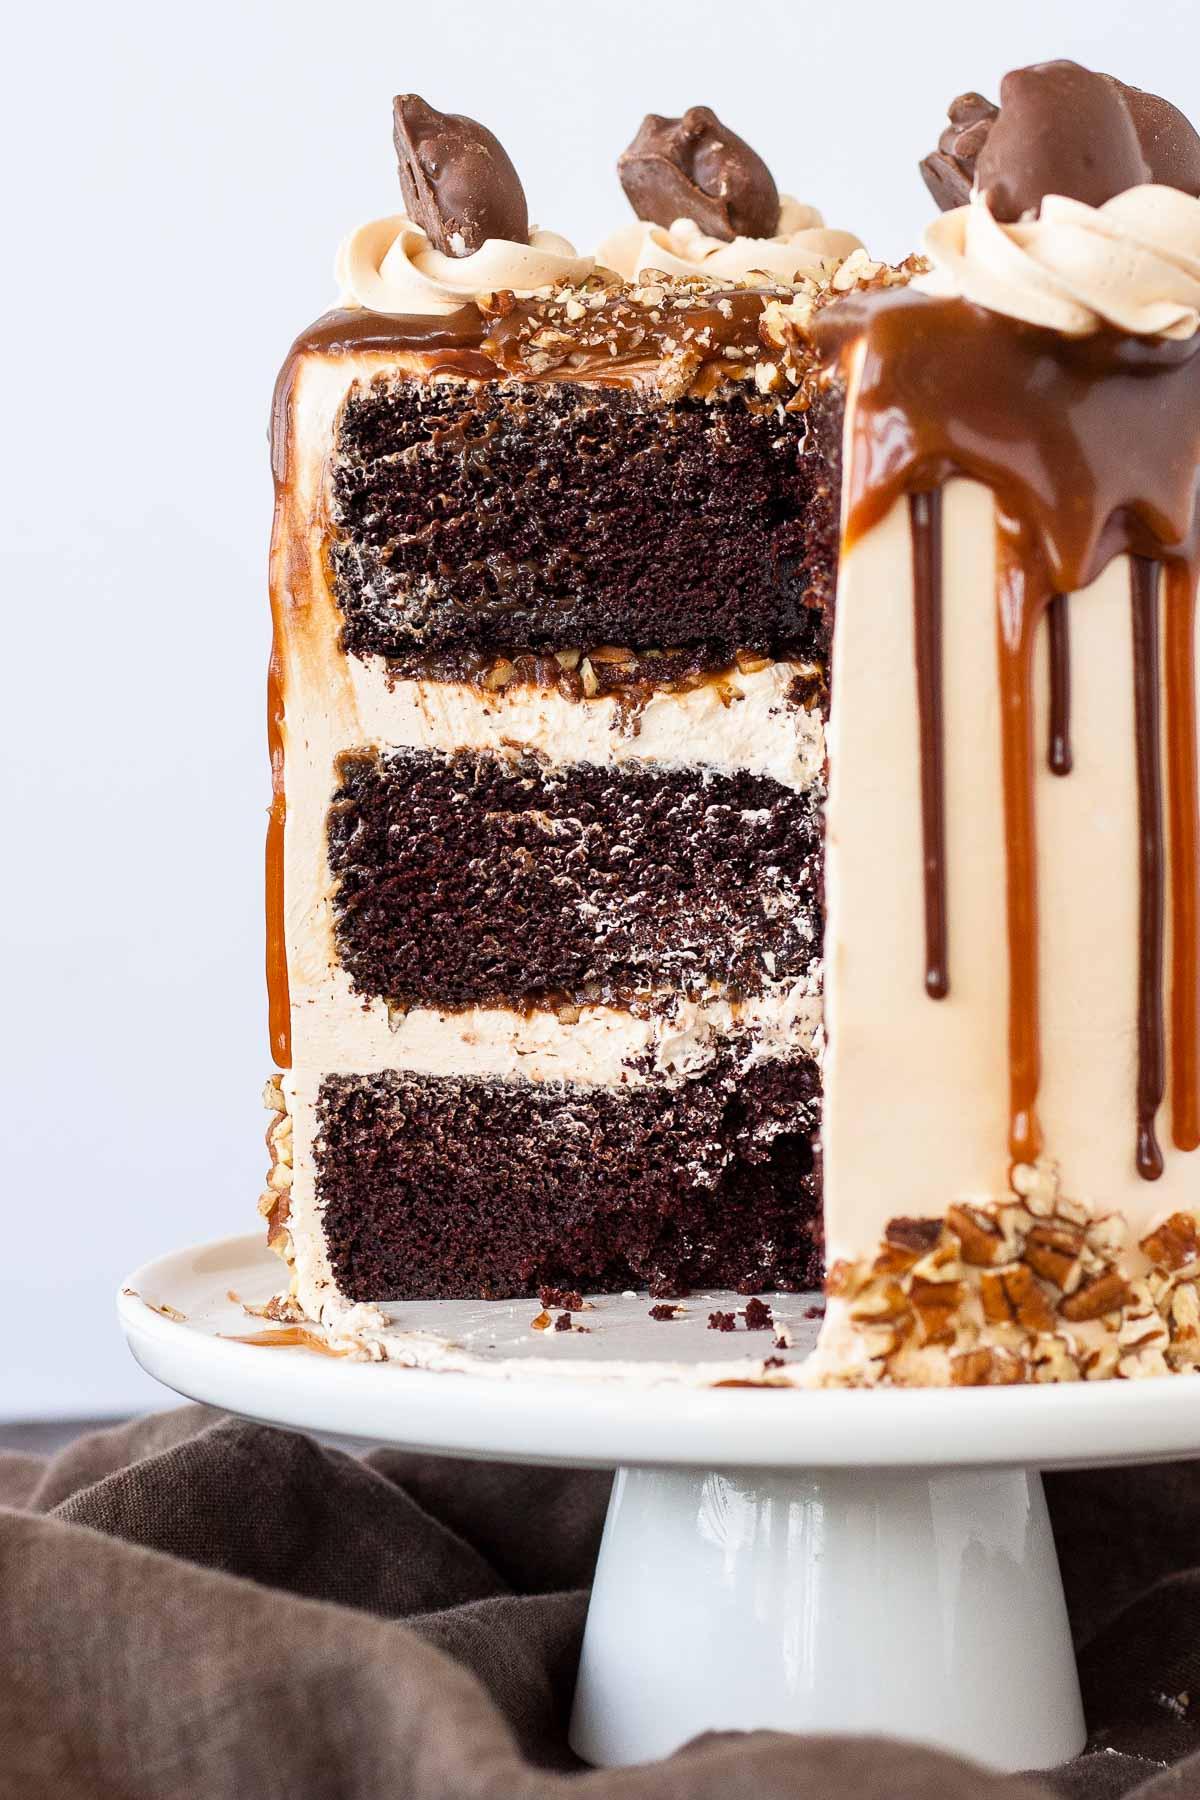 Transformez vos bonbons préférés en Tortues Layer Cake!  Couches de riche gâteau au chocolat, crème au beurre de caramel, sauce au caramel et noix de pécan.     Livforcake.com